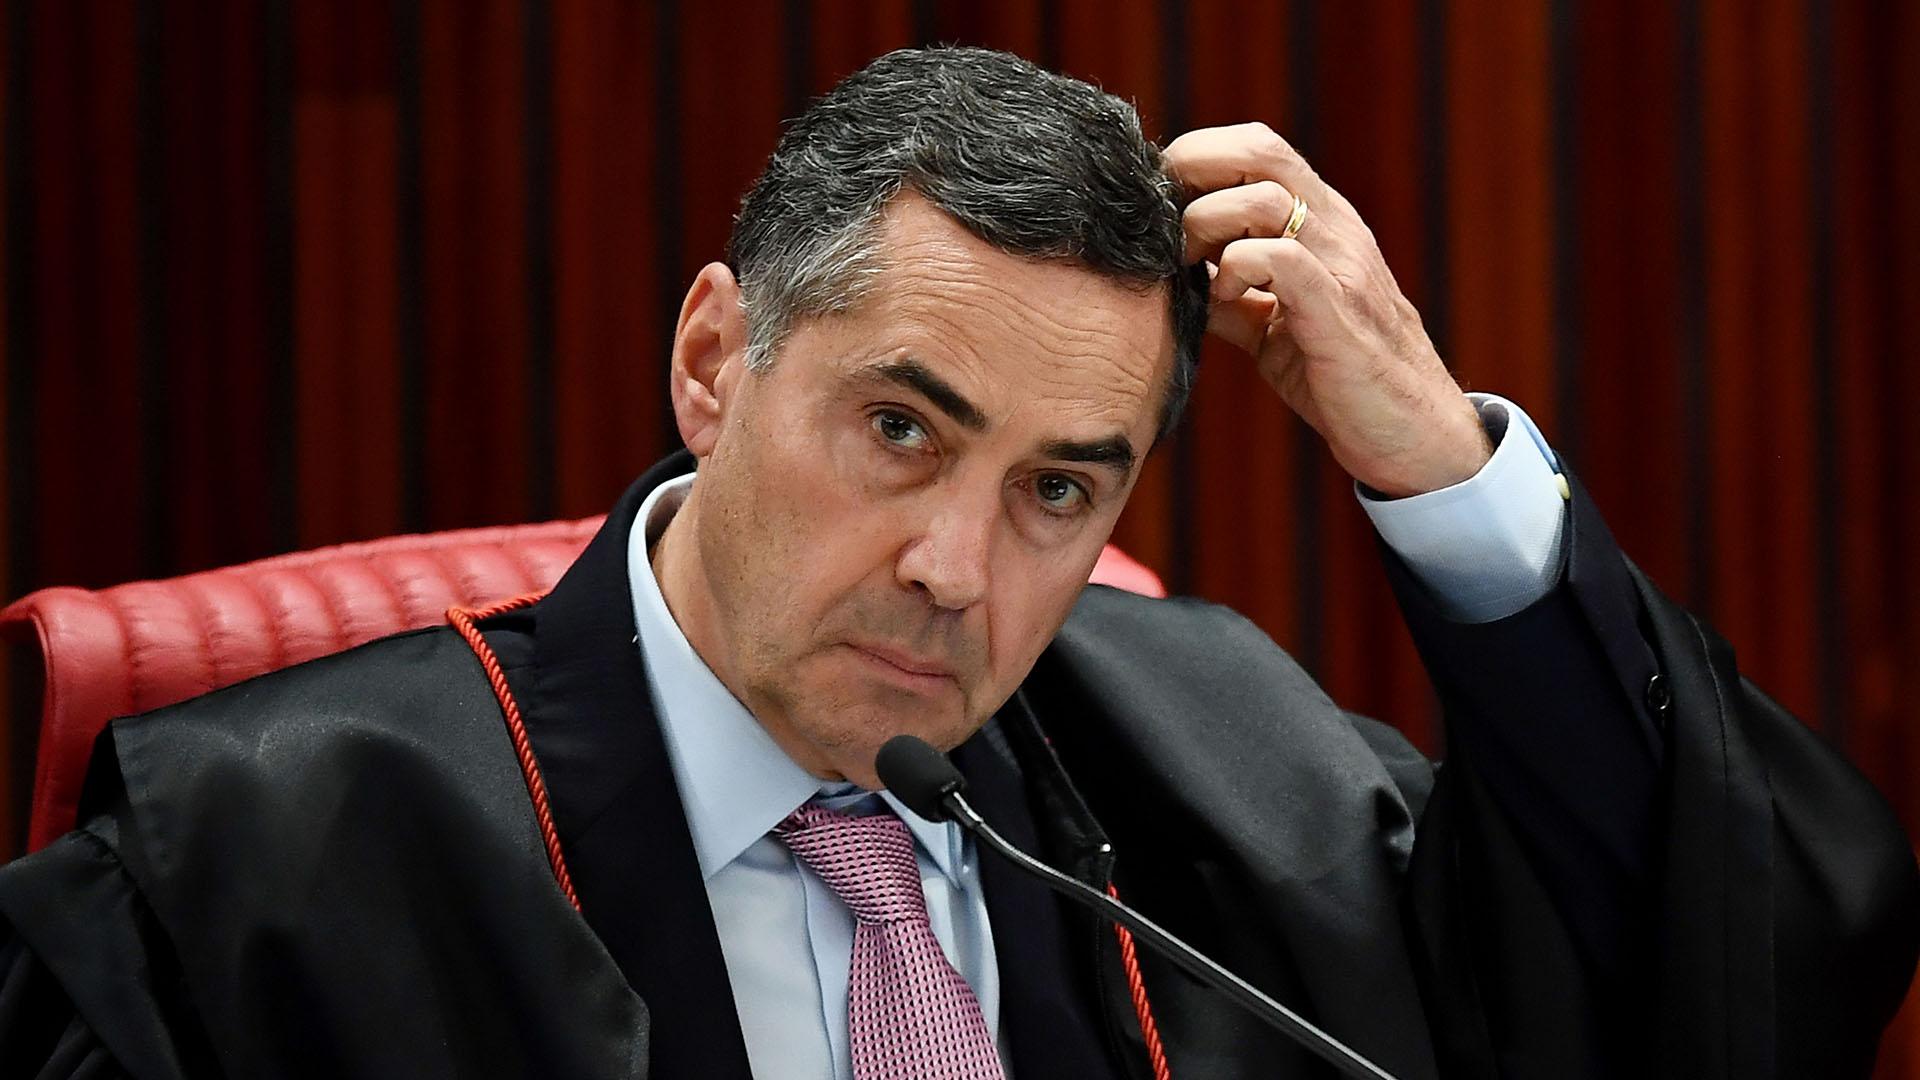 La sentencia fue divulgada por el magistrado Luis Roberto Barroso (AFP)